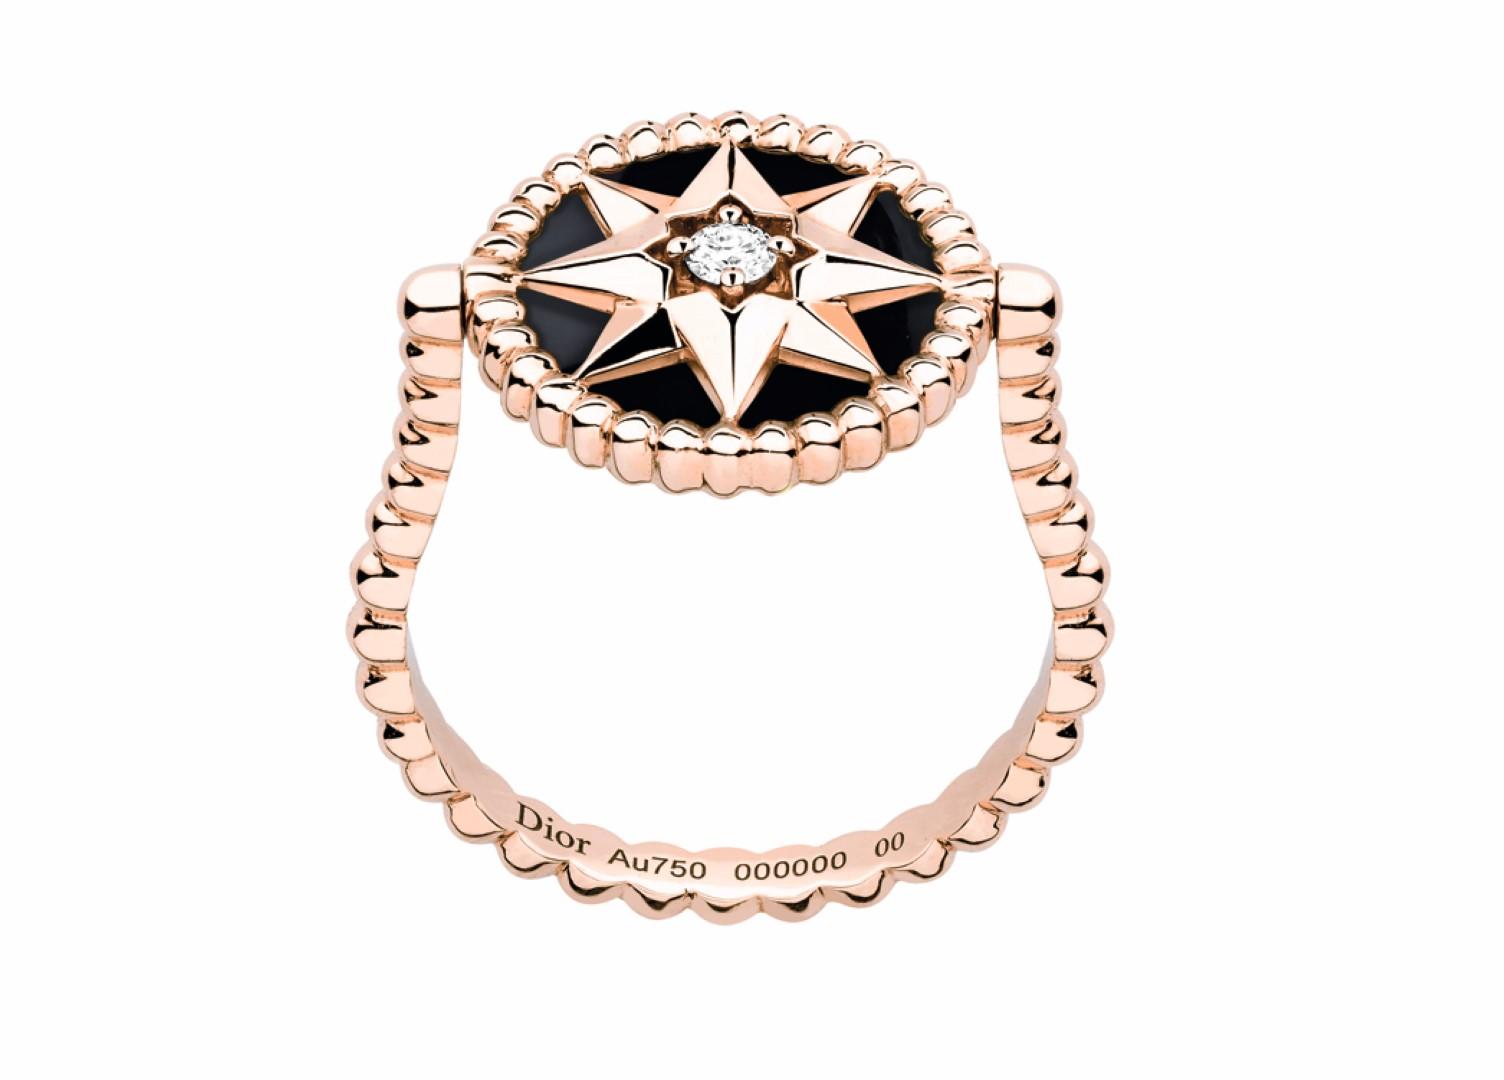 vasta selezione di 2fe26 3a605 Dior gioielli 2016: la collezione Rose des vents, il nuovo ...